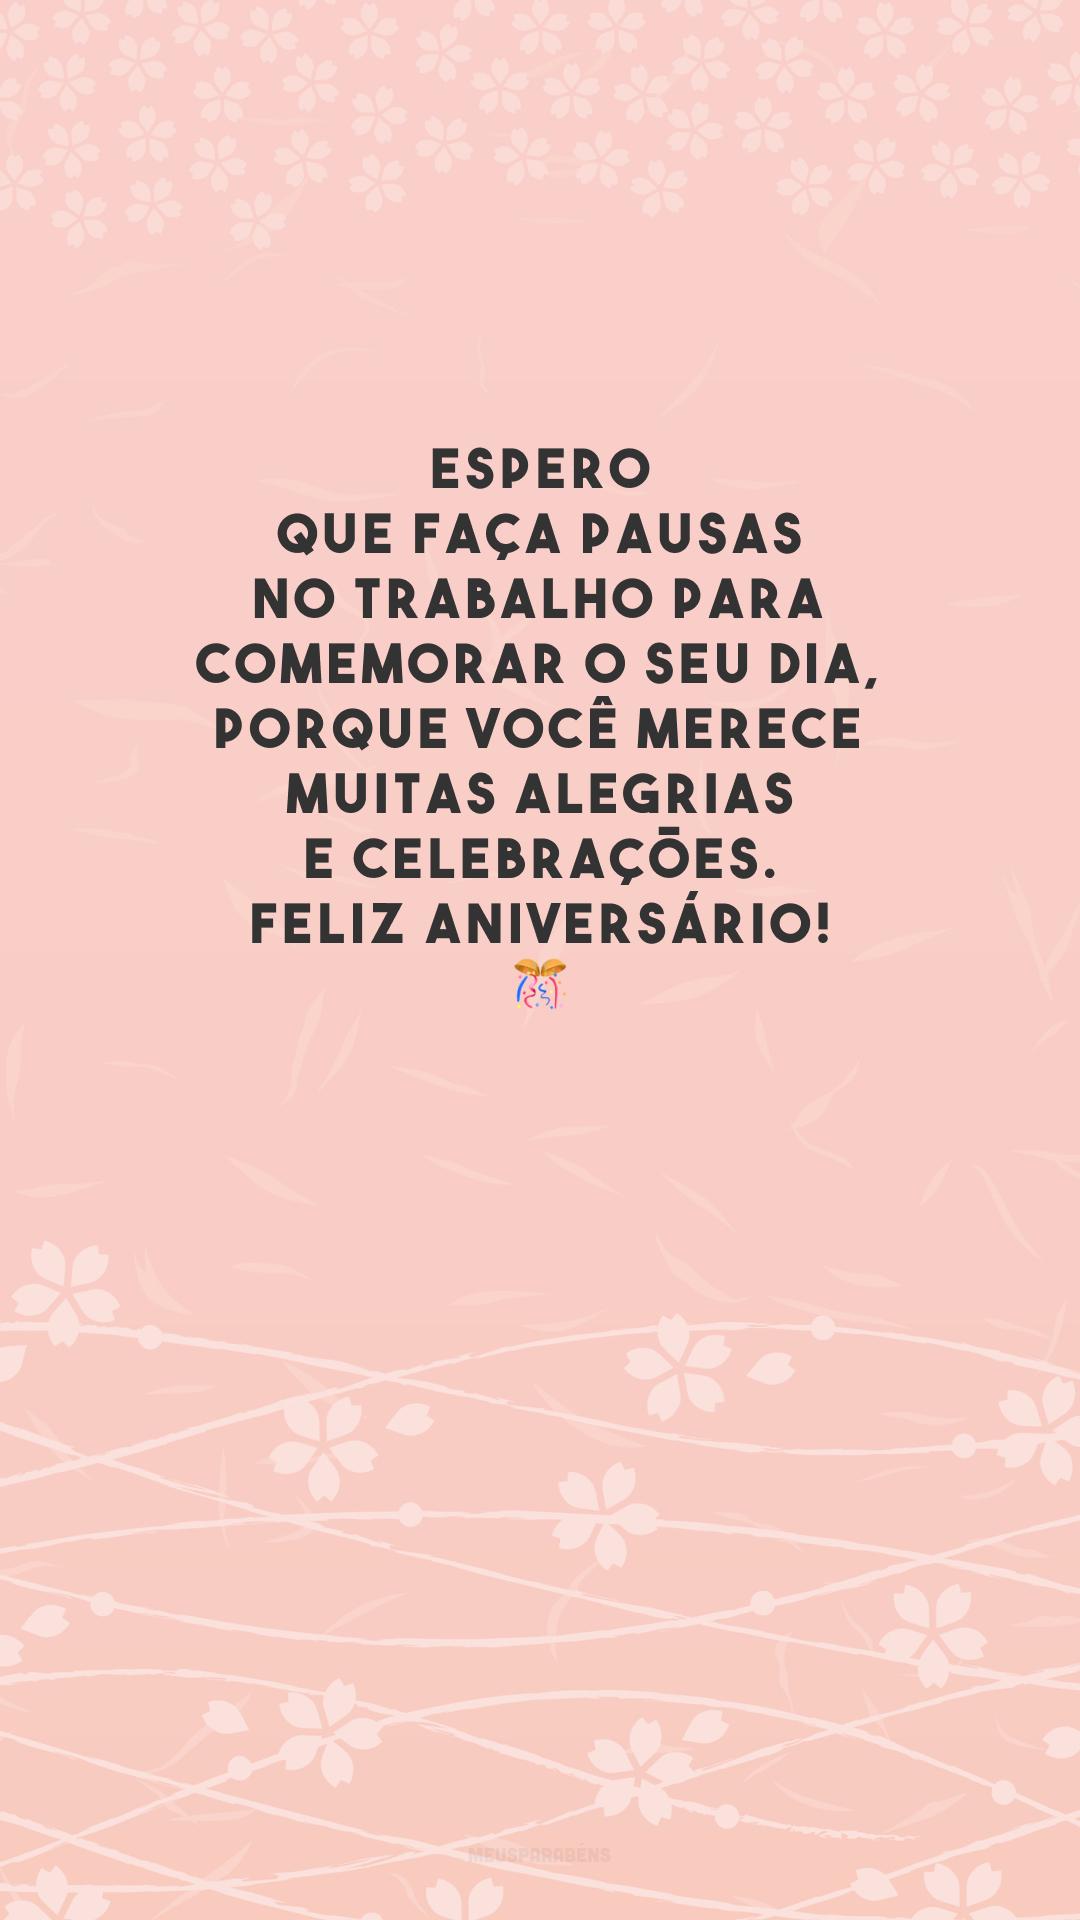 Espero que faça pausas no trabalho para comemorar o seu dia, porque você merece muitas alegrias e celebrações. Feliz aniversário! 🎊